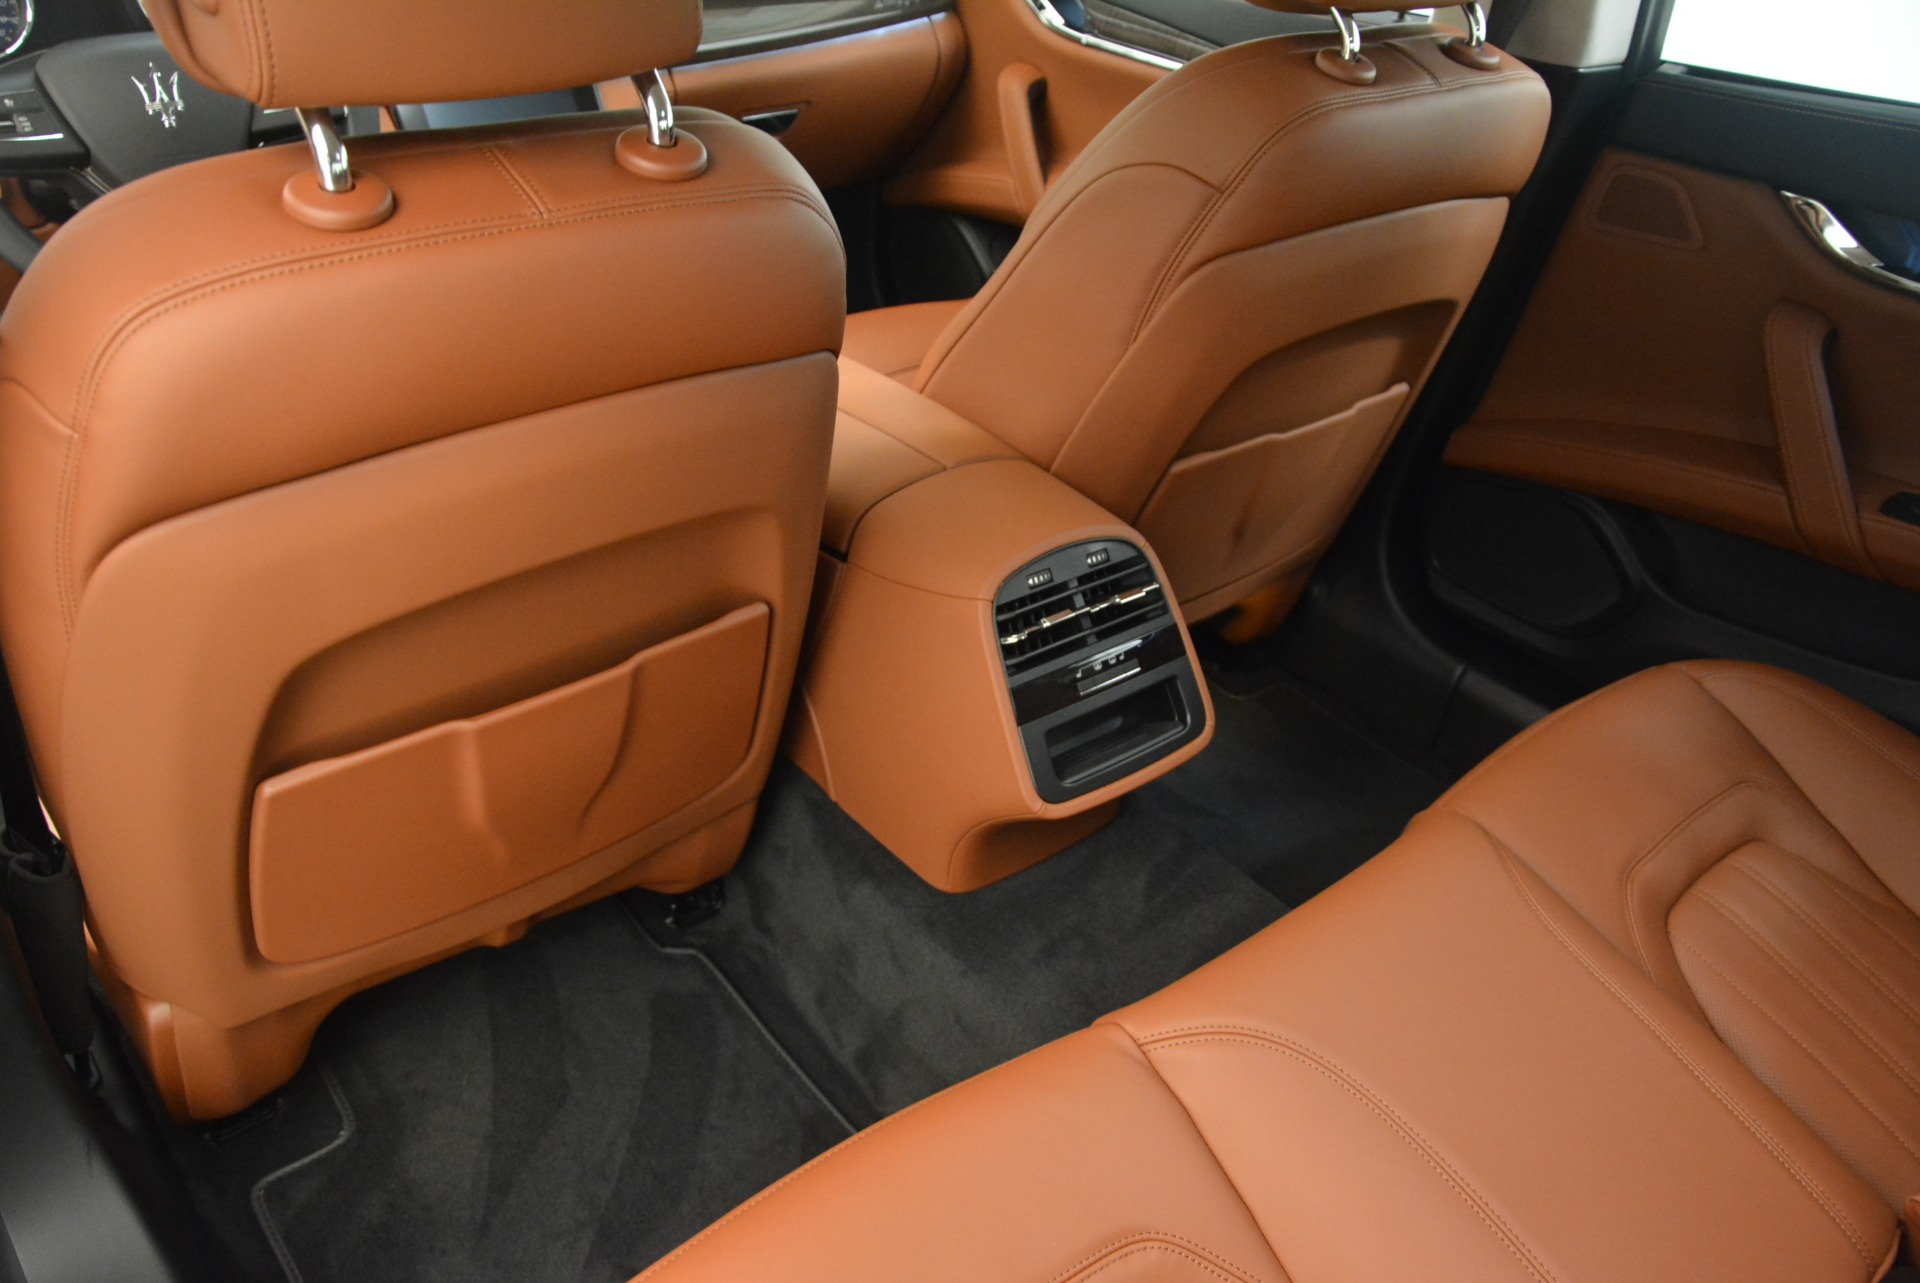 Used 2018 Maserati Quattroporte S Q4 GranLusso For Sale In Westport, CT 1572_p16